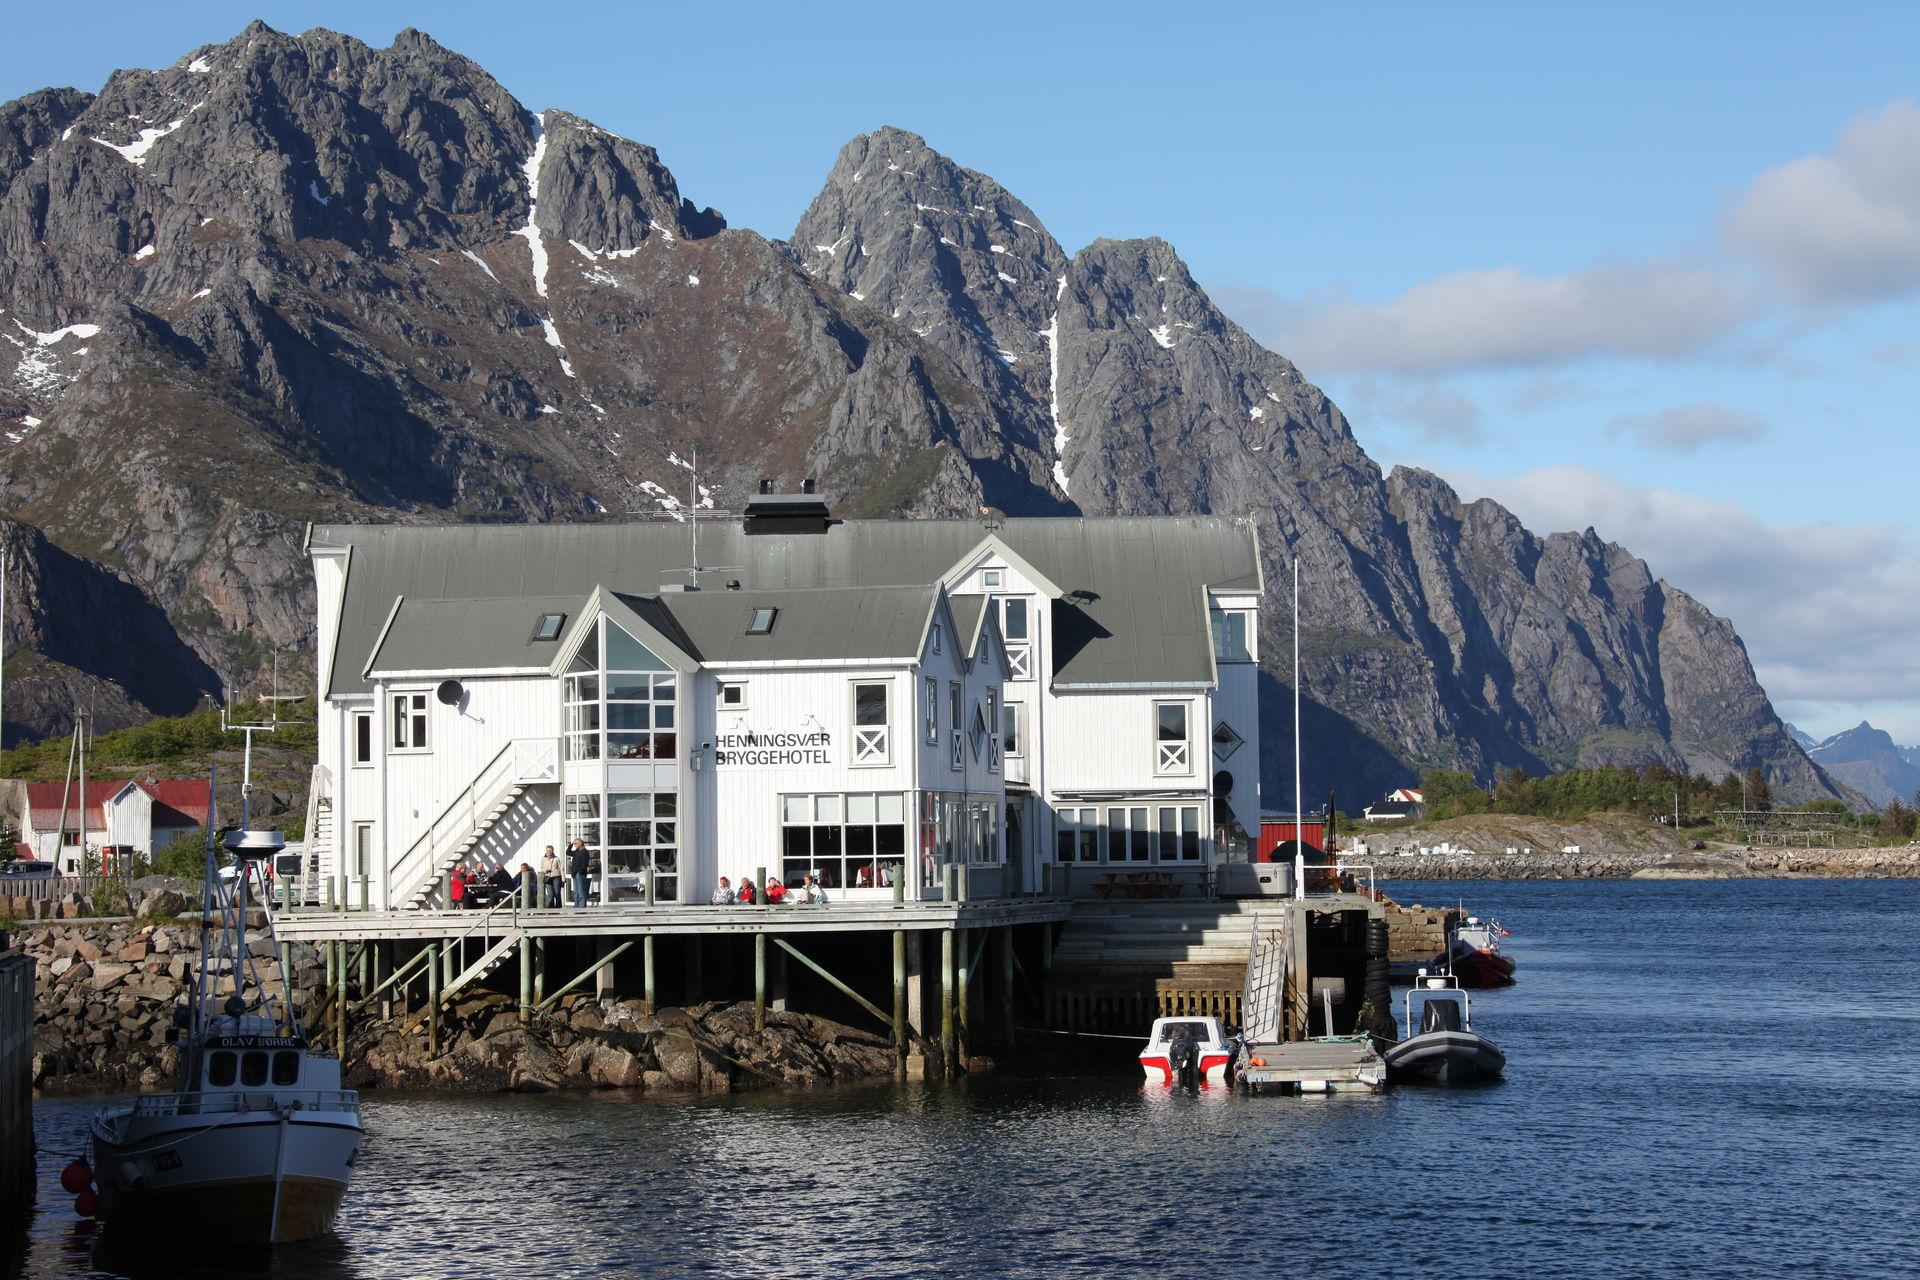 Henningsvær Bryggehotel (c) Roger Johansen